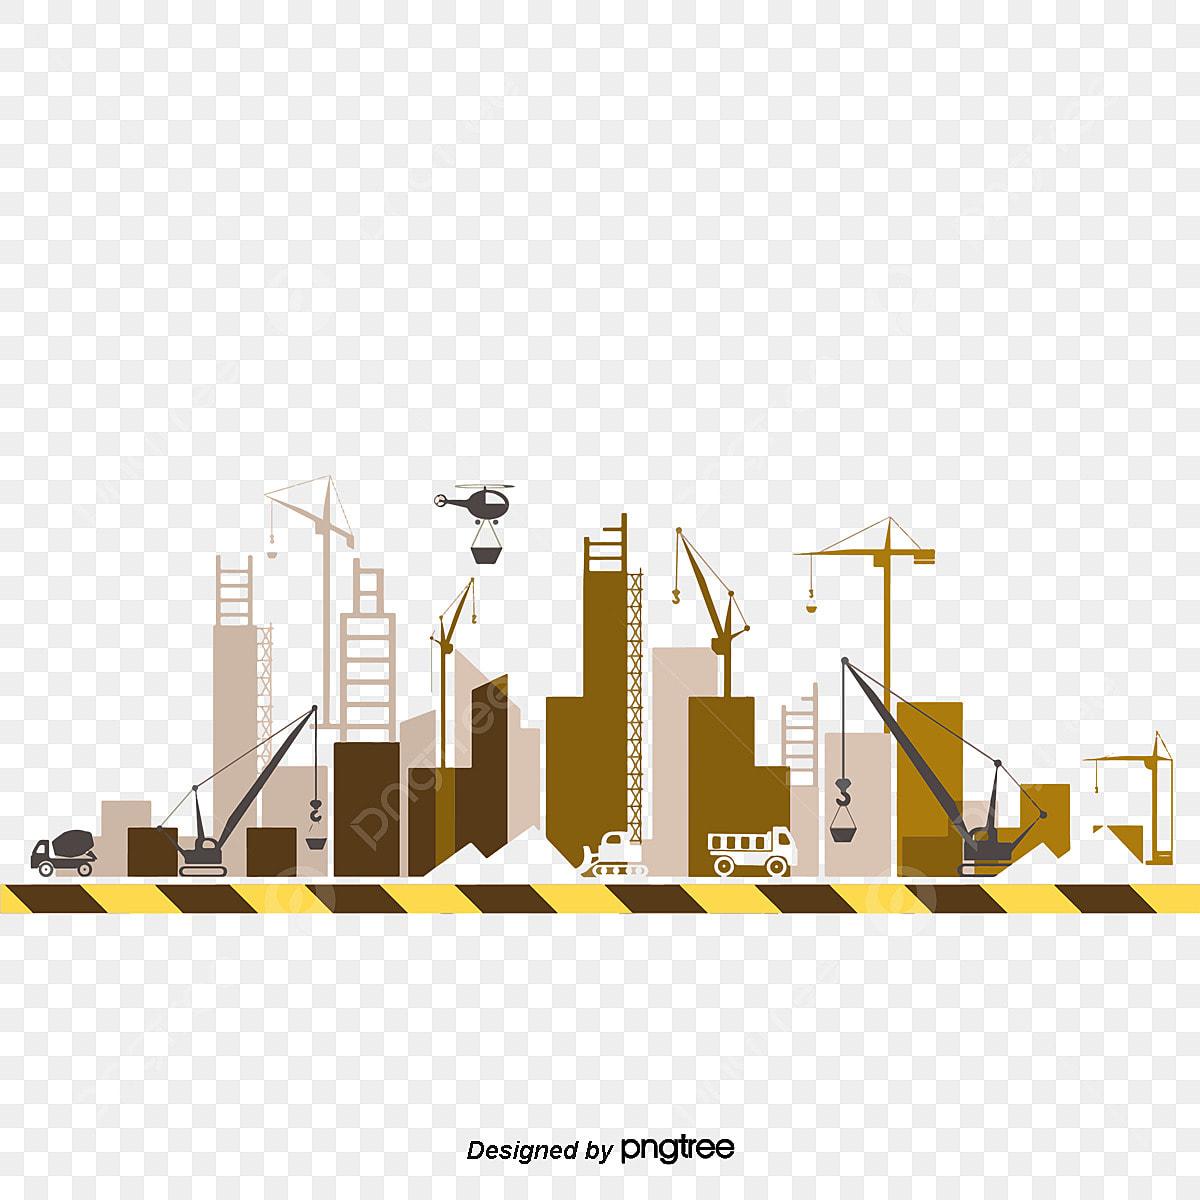 工事現場ベクトルイラスト ベクトル図 工事 工事画像素材の無料